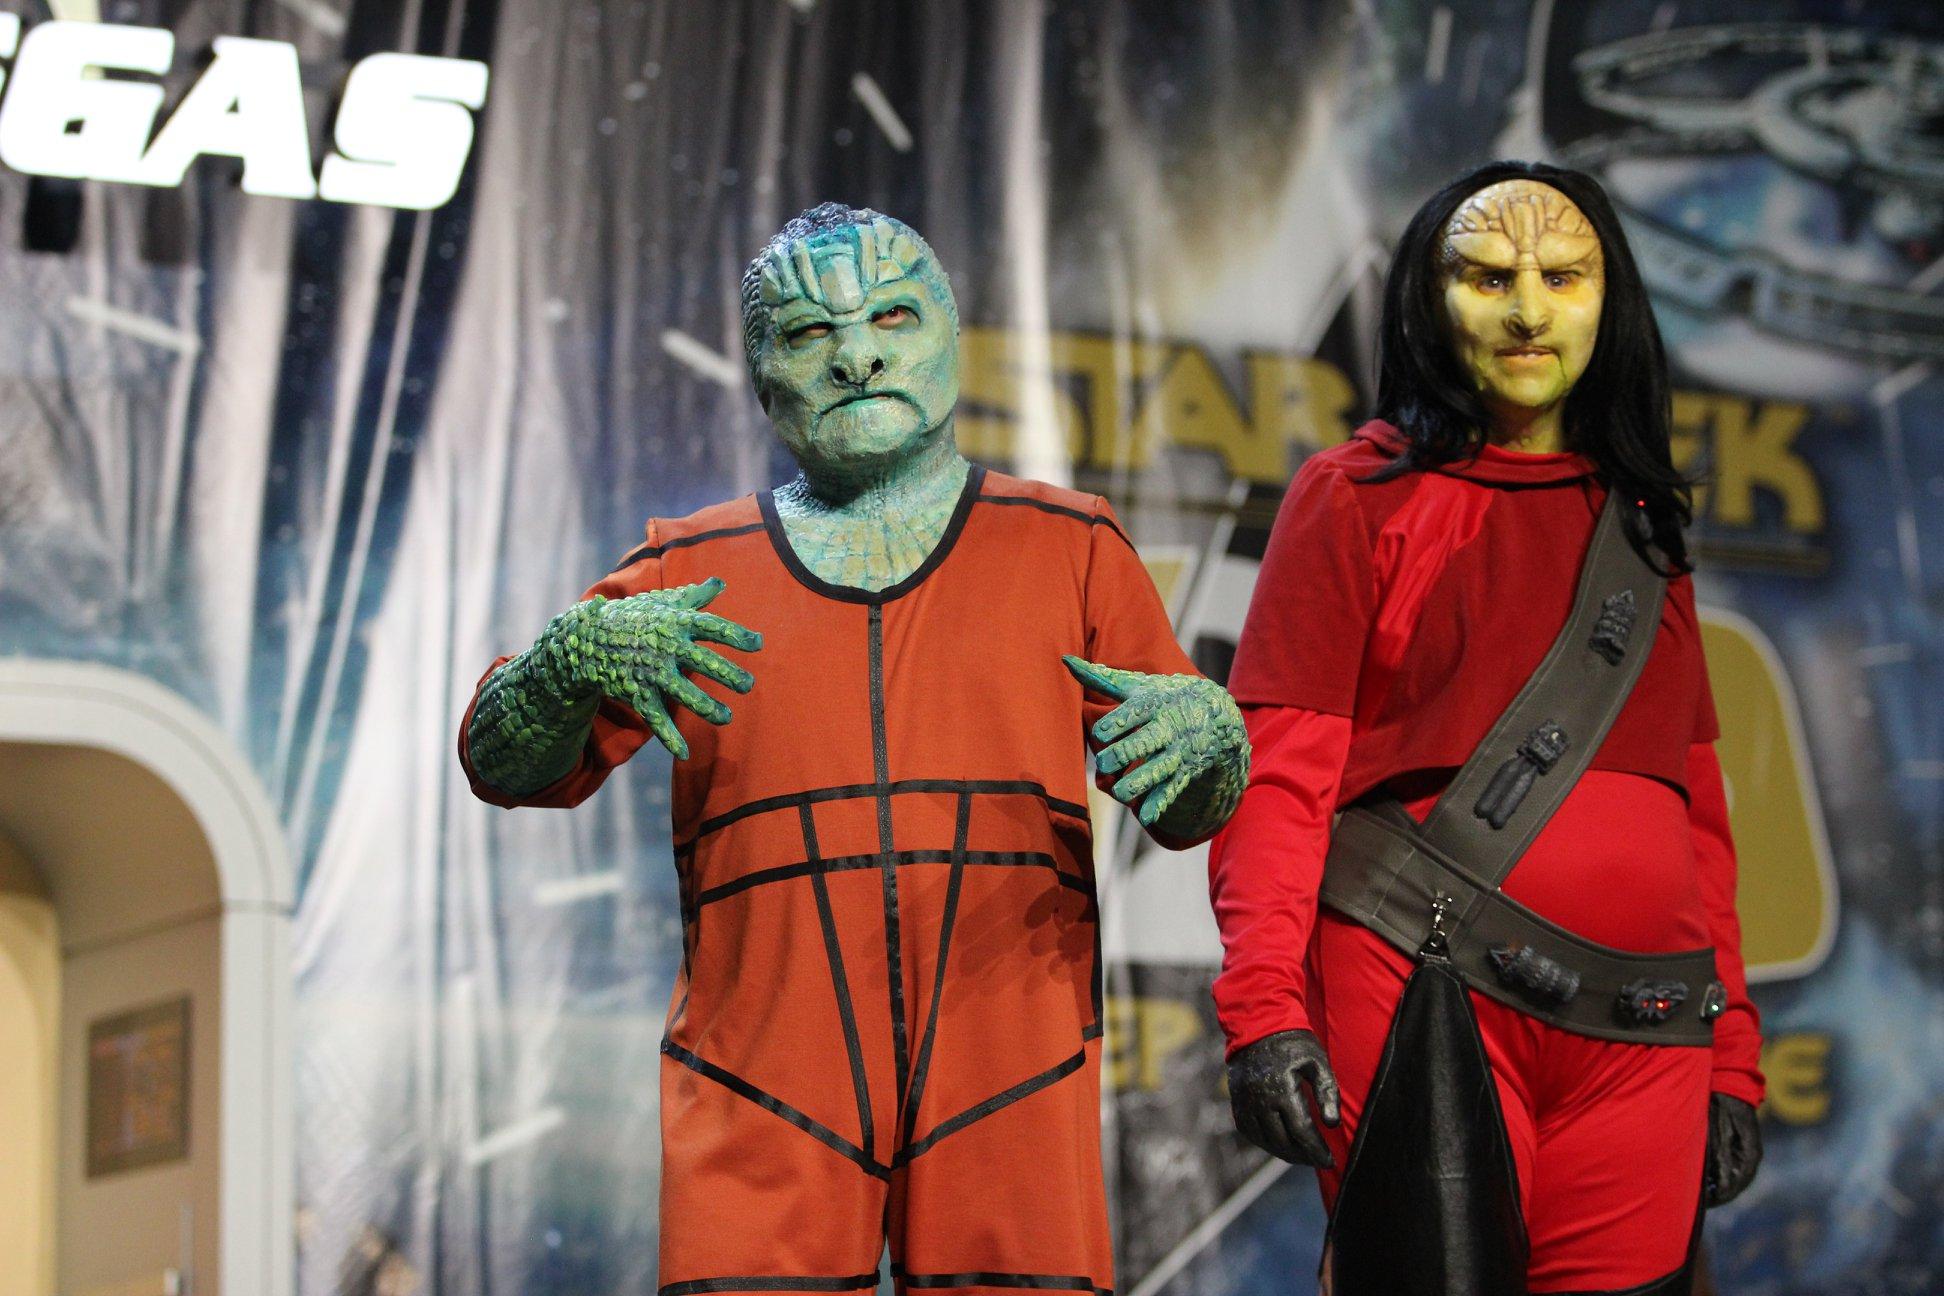 Tosk és a vadász egy DS9-epizódból